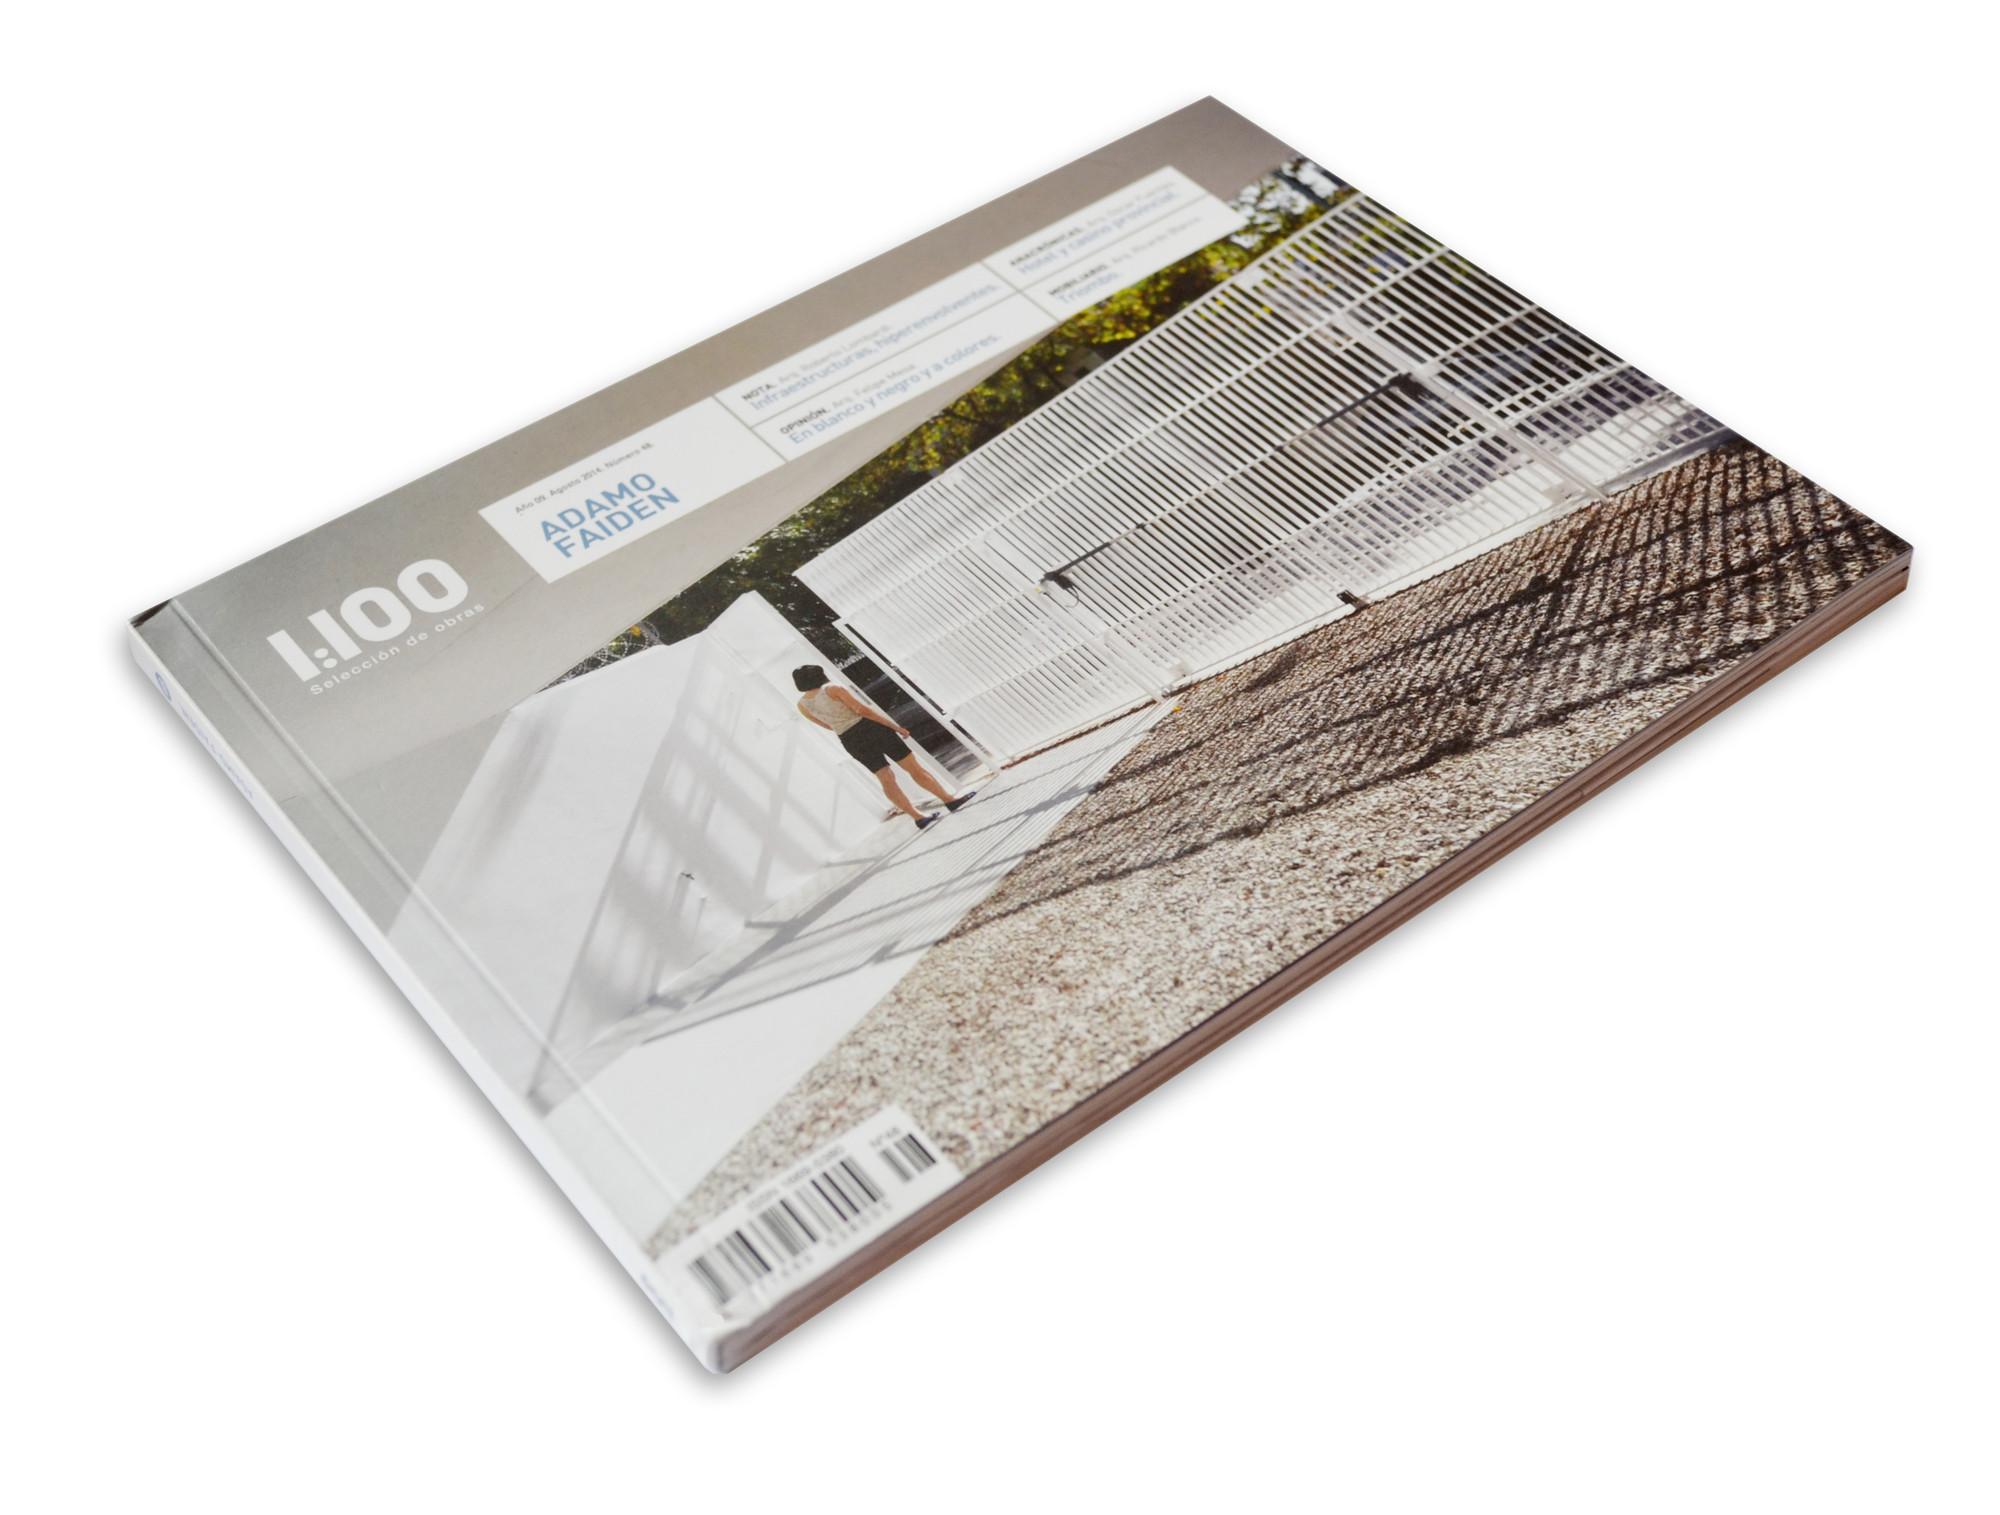 Adamo Faiden / Revista 1:100